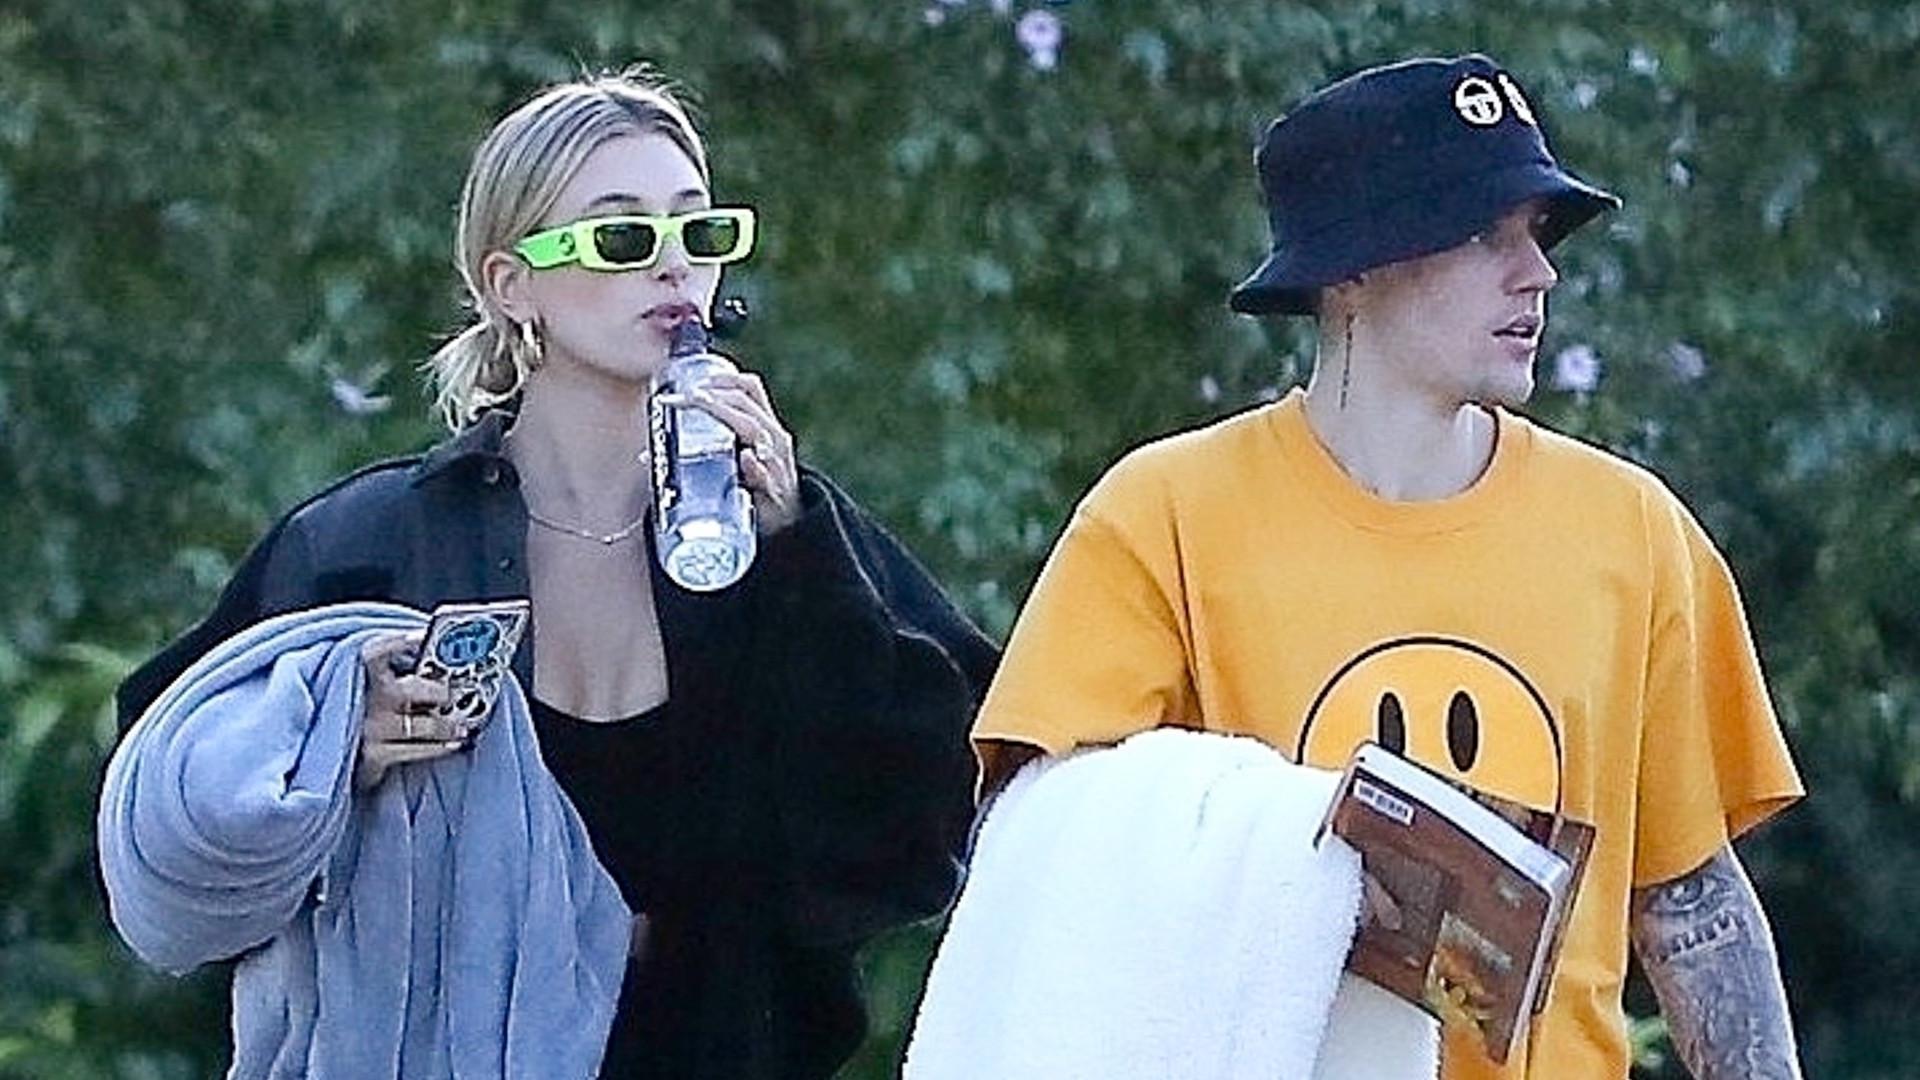 Ale ROMANTYK! Zobaczcie, gdzie Justin Bieber zabrał swoją żonę Hailey na randkę (ZDJĘCIA)